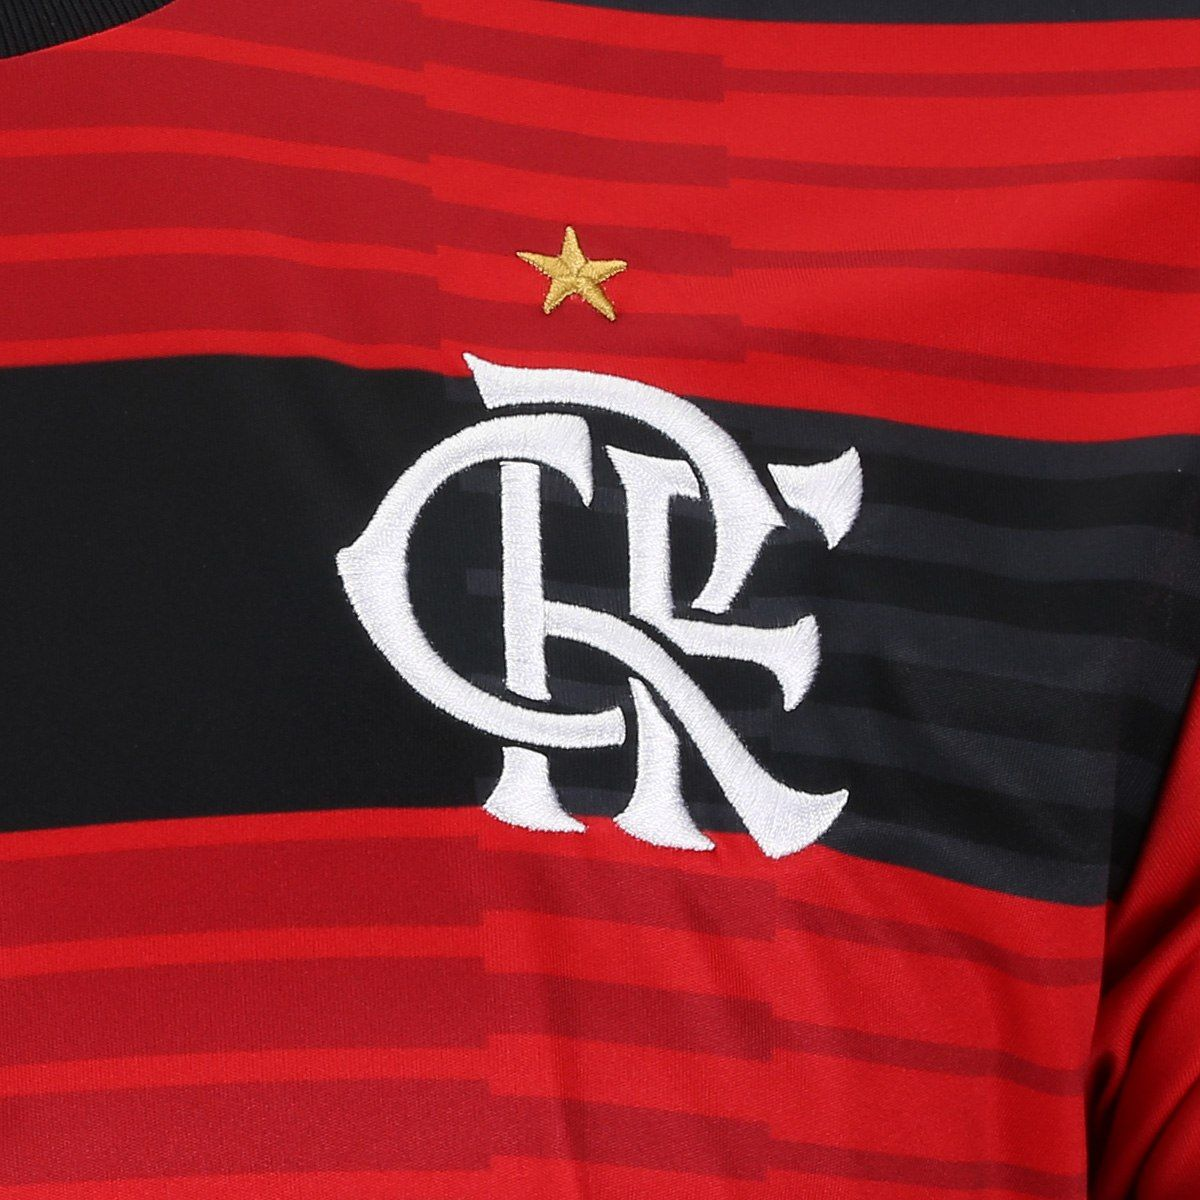 Camisa Flamengo I 2018 s n° Torcedor Adidas Masculina - Vermelho e Preto 66055fcbaeef9